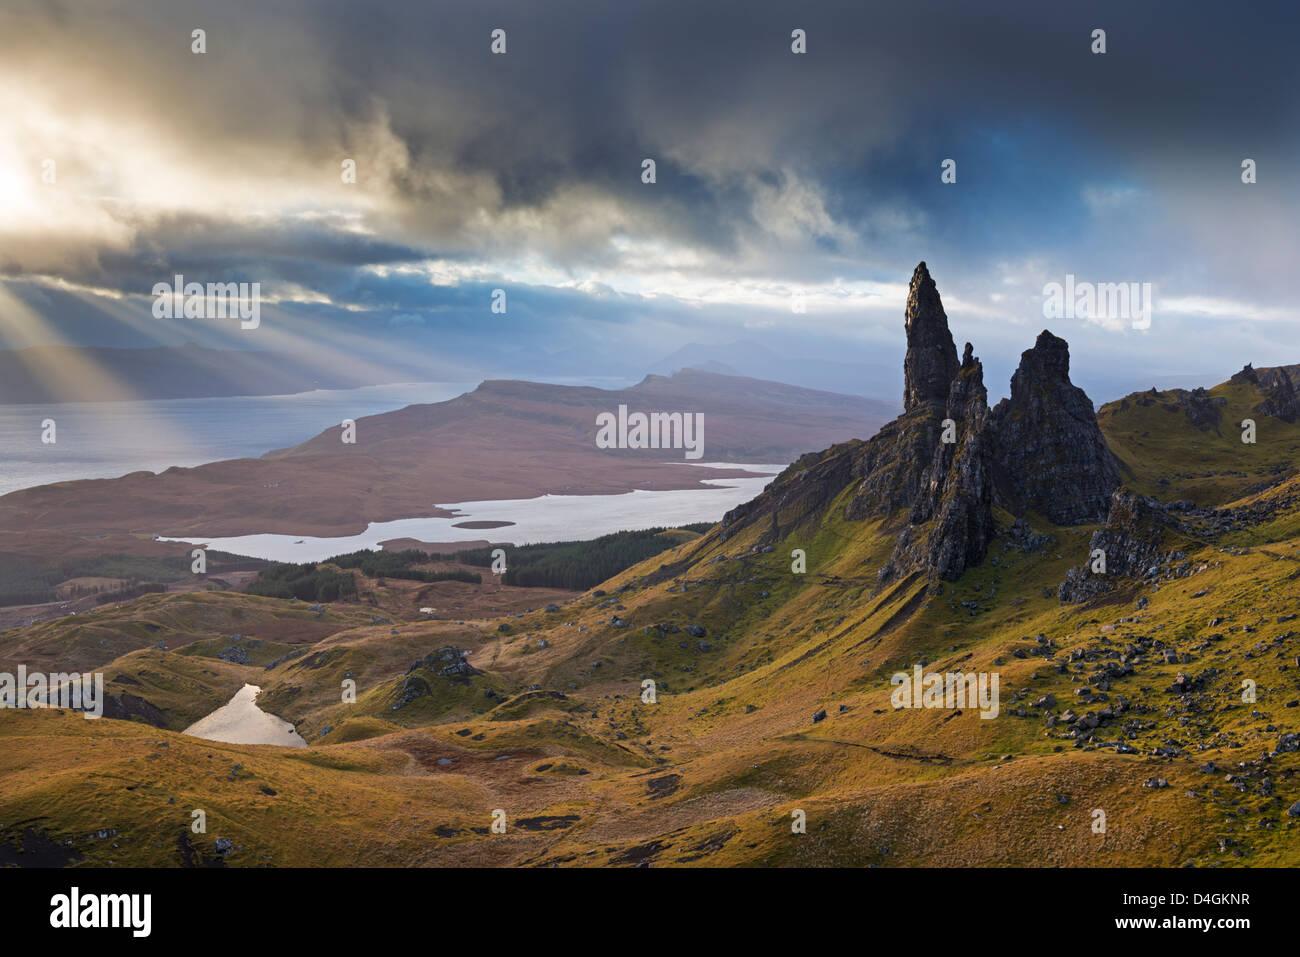 Drammatico paesaggio presso il vecchio uomo di Storr, Isola di Skye in Scozia. In autunno (Novembre) 2012 Immagini Stock